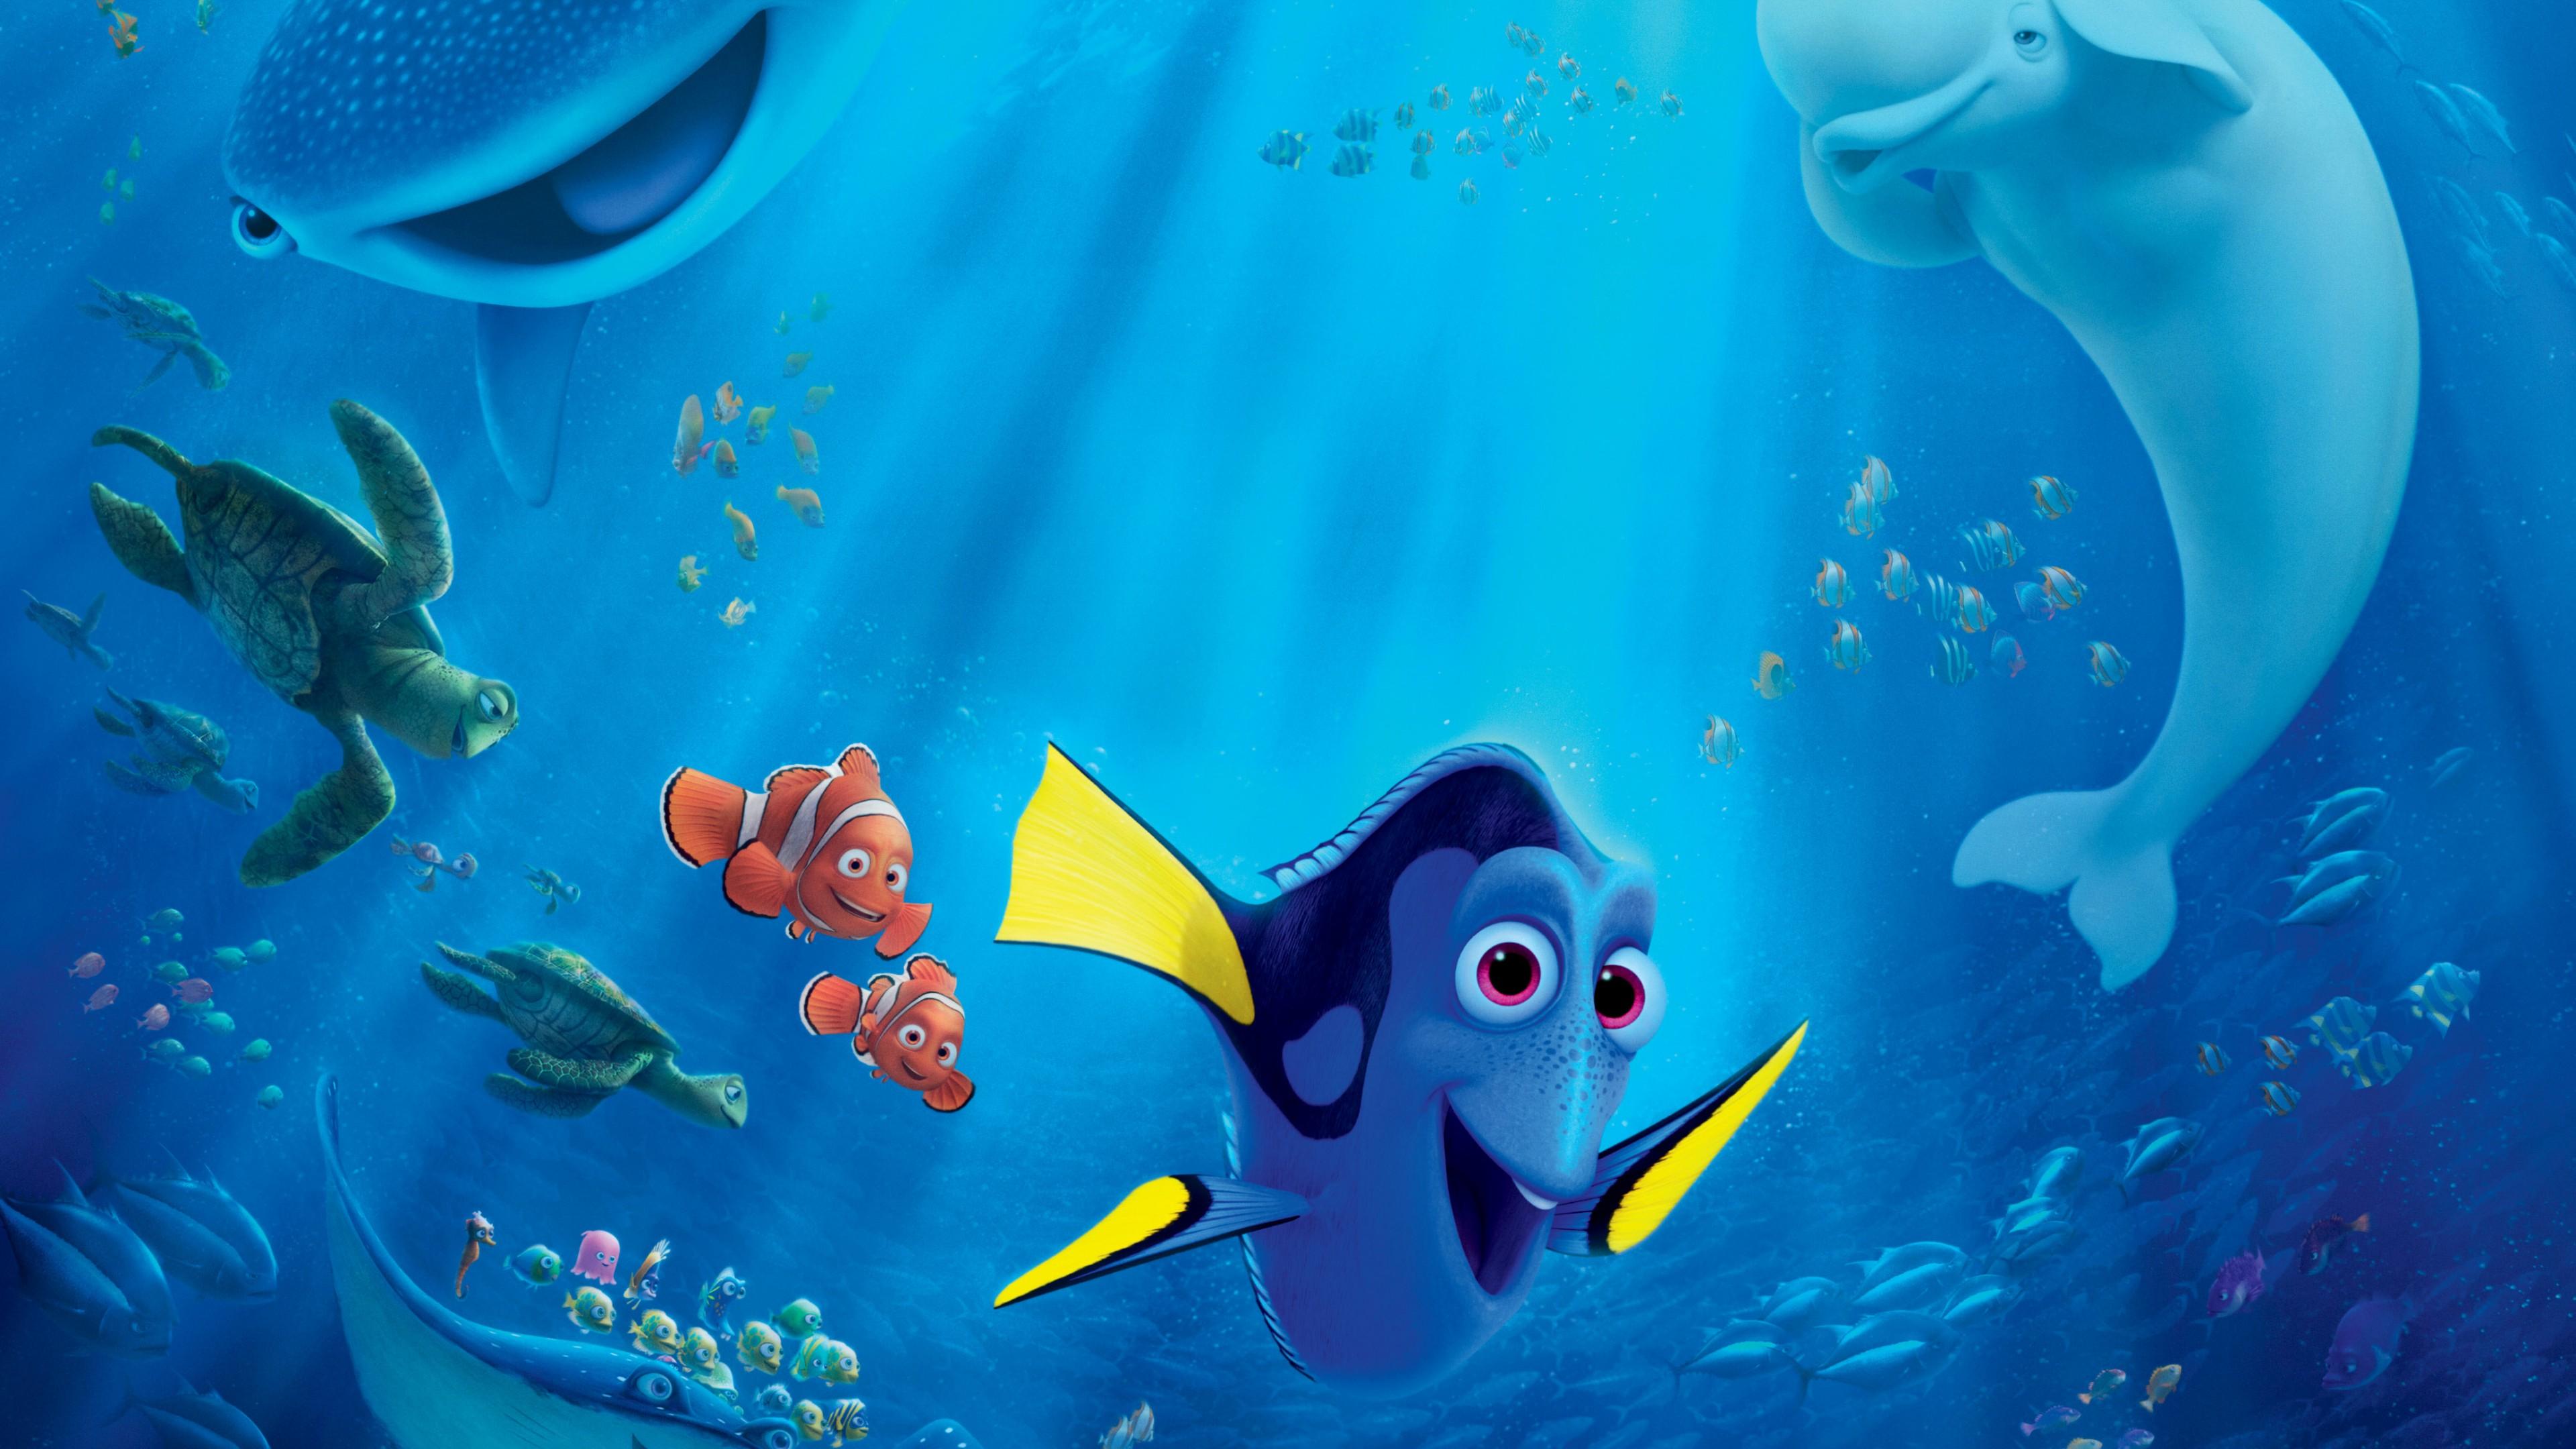 Синяя рыбка с желтыми плавниками  в морских глубинах с черепахами,дельфинами